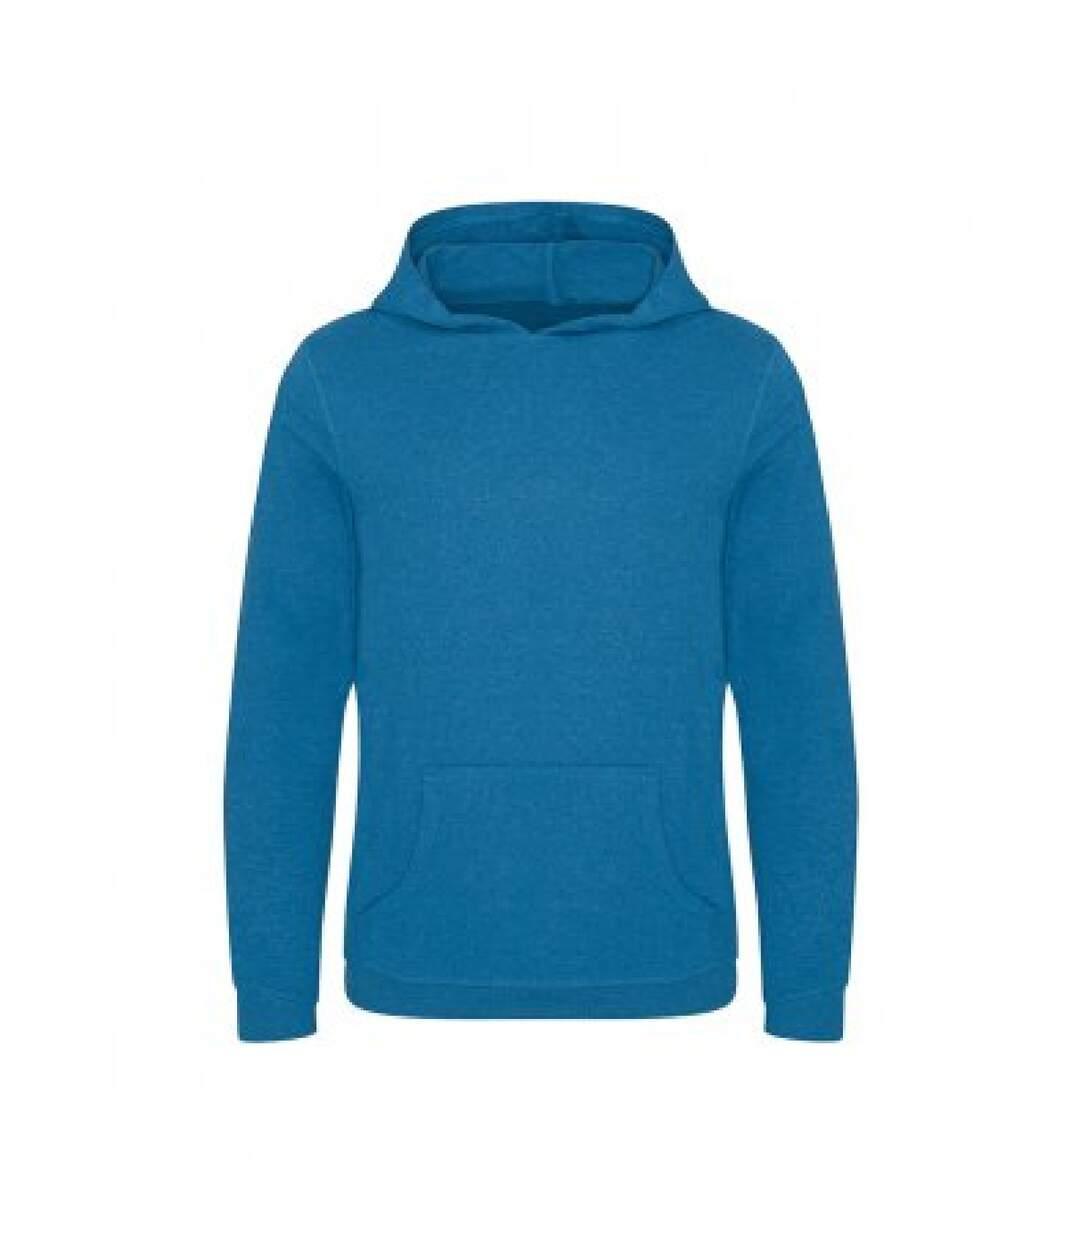 Ecologie Mens Lusaka Hoodie (Ink Blue) - UTPC3195